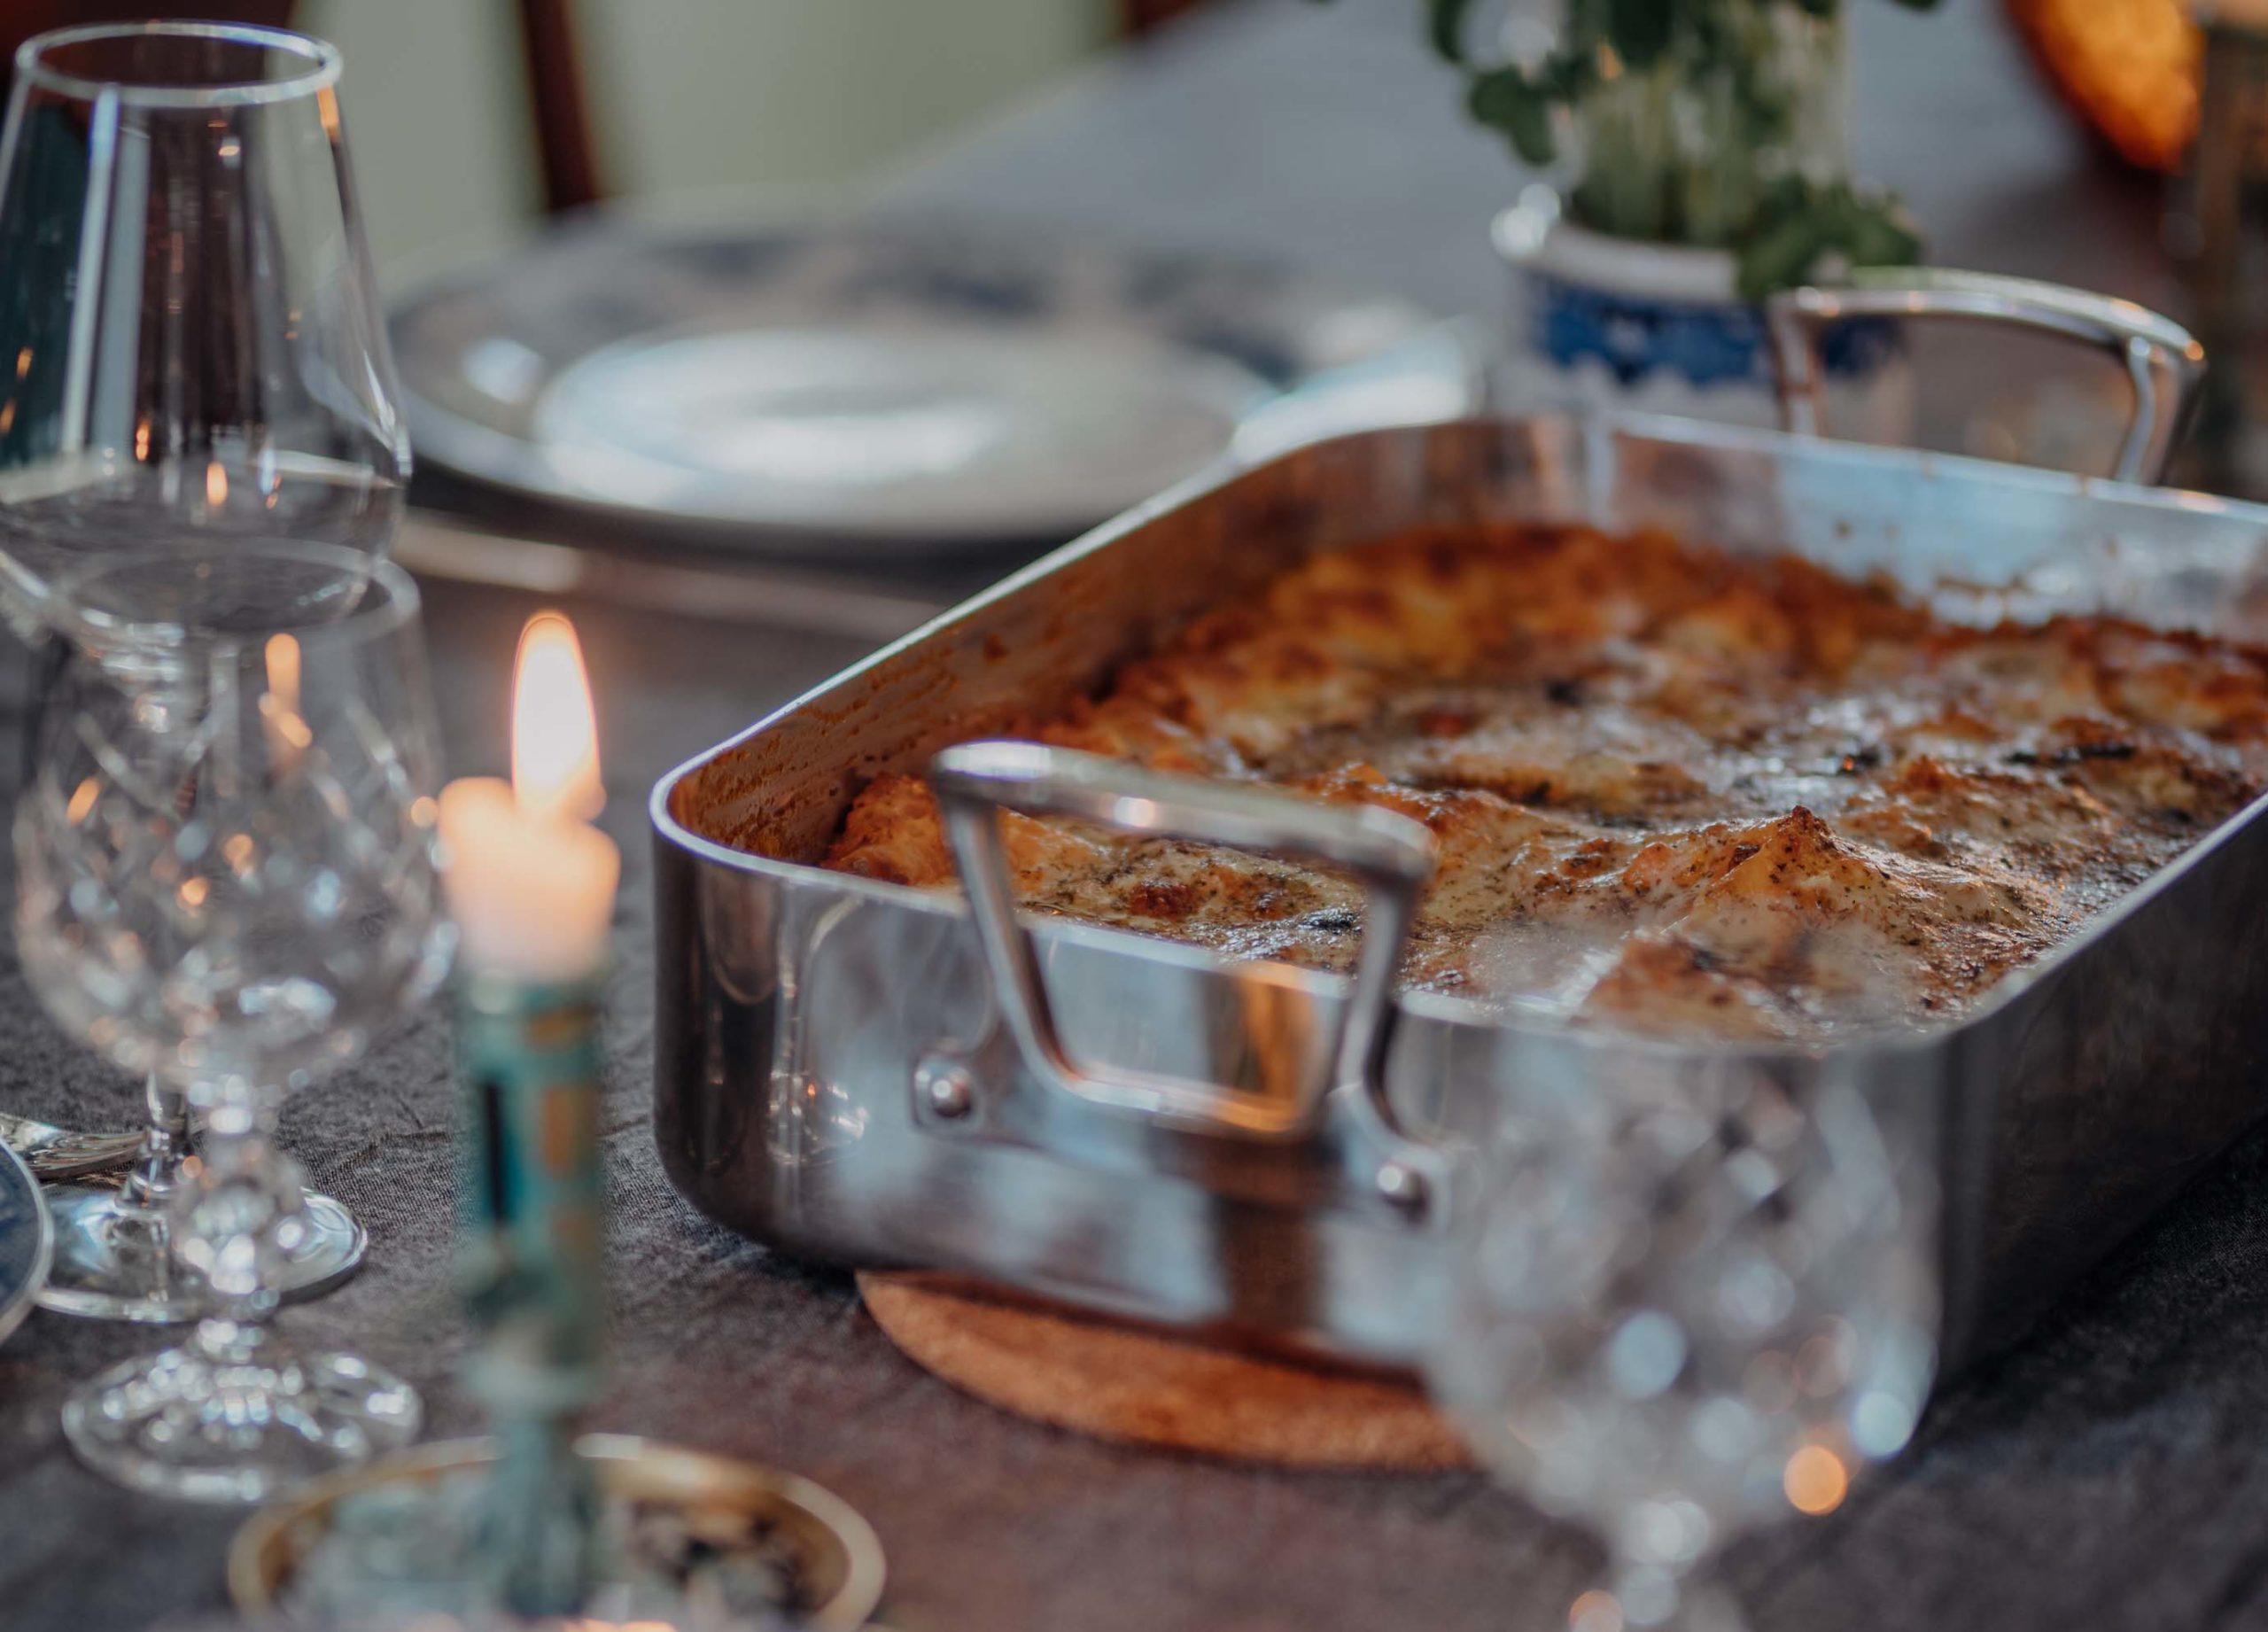 plat le lasagne sortant du four servi sur une table joliment dressée